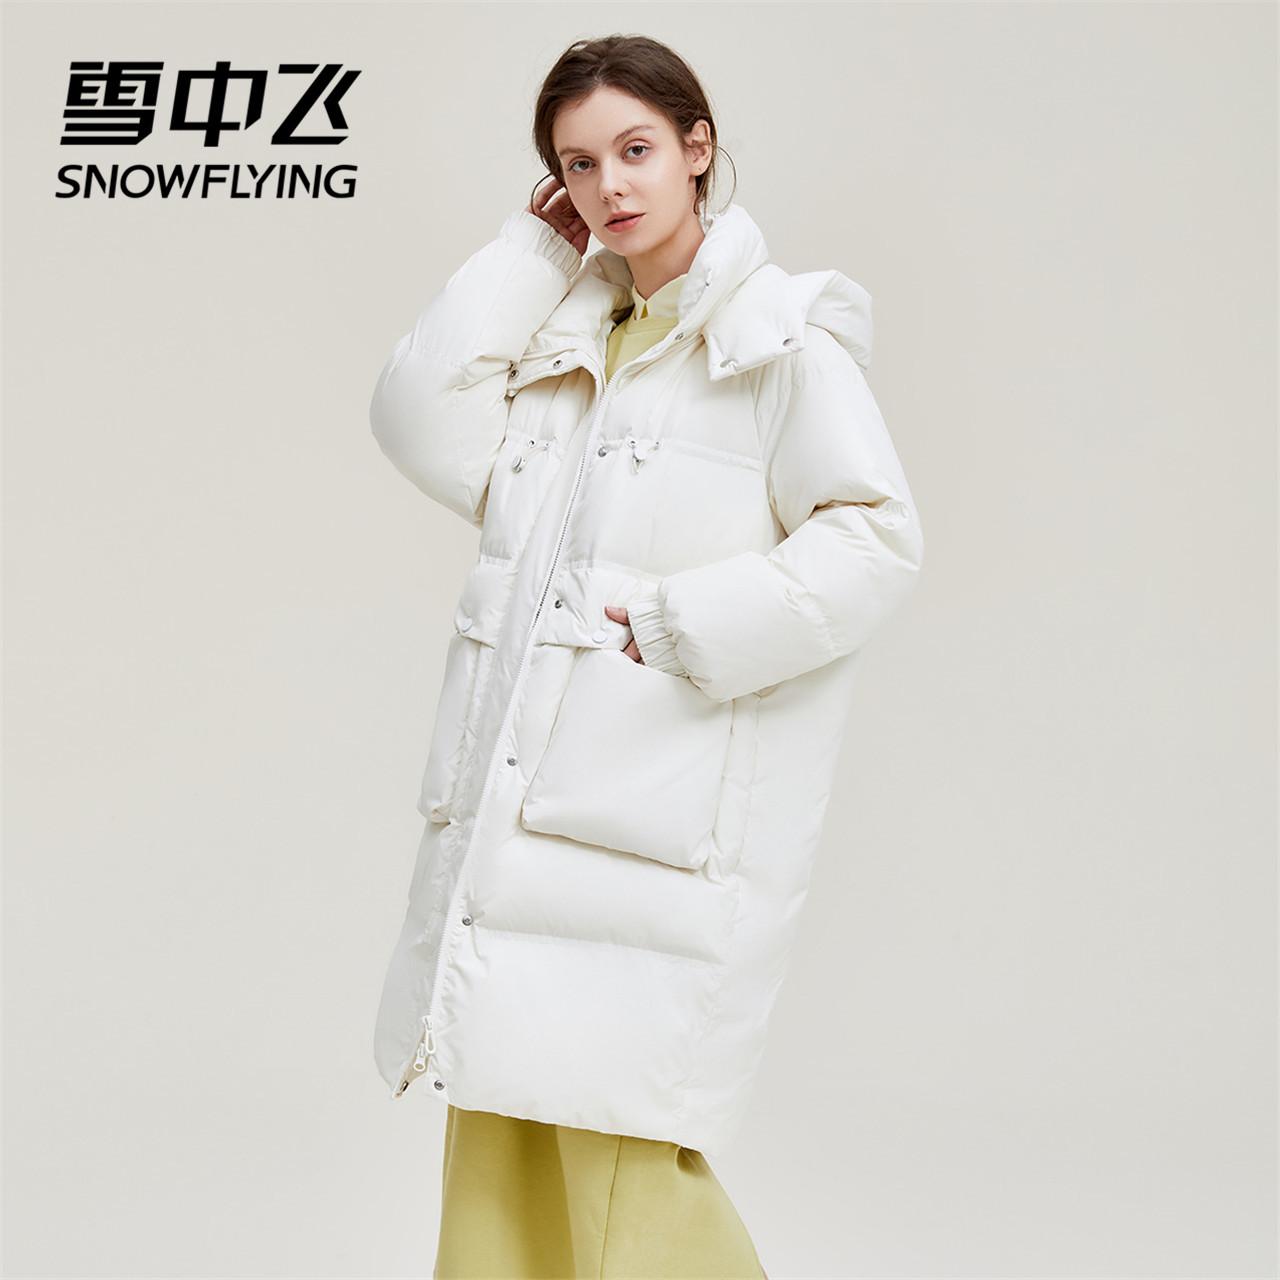 雪中飞2021秋冬新款女士修身显瘦保暖连帽大气时尚中长款羽绒服    639元